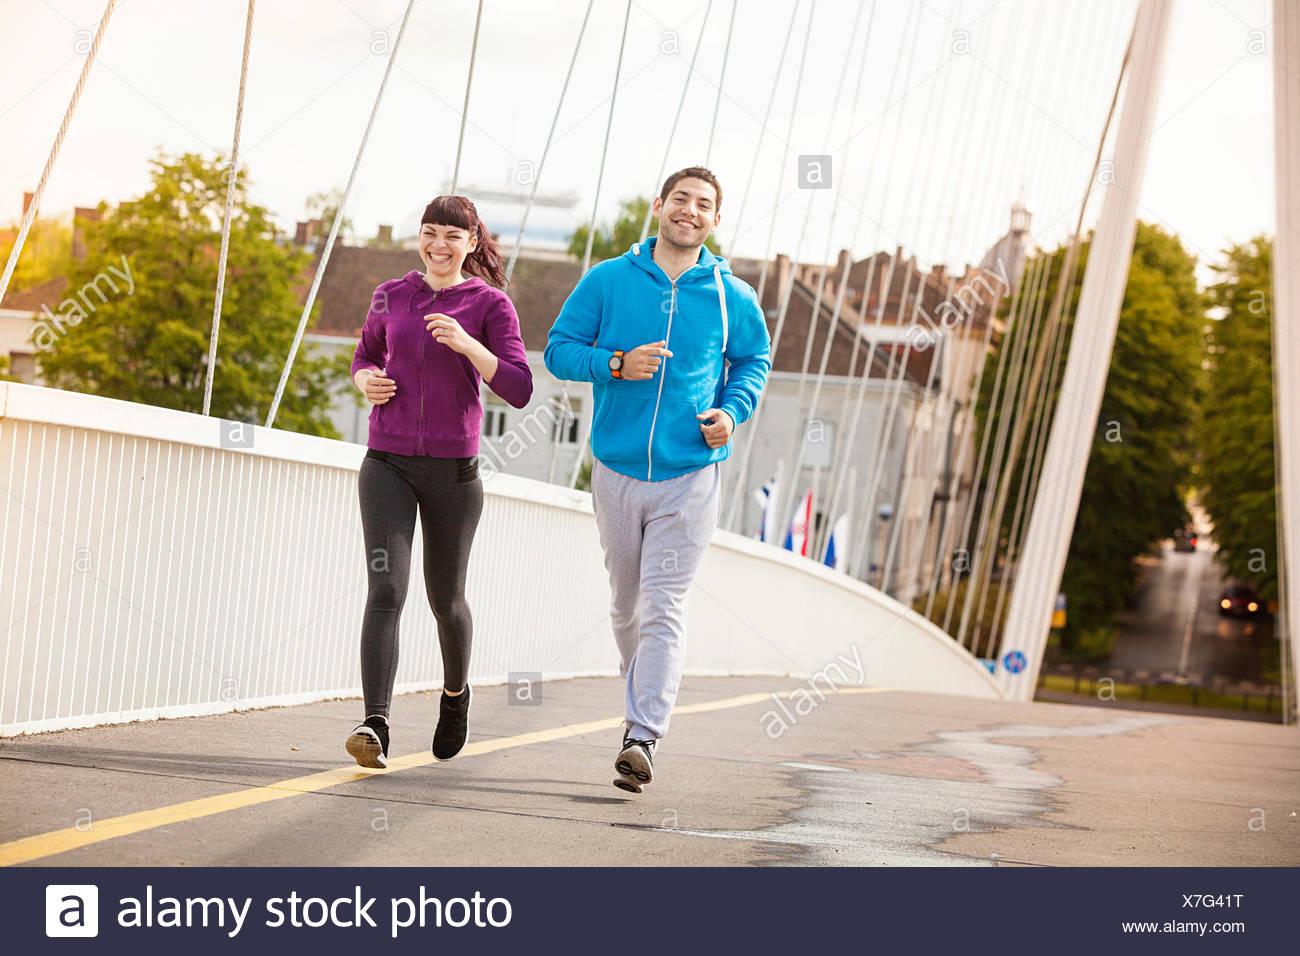 Young couple jogging on bridge, Osijek, Croatia - Stock Image